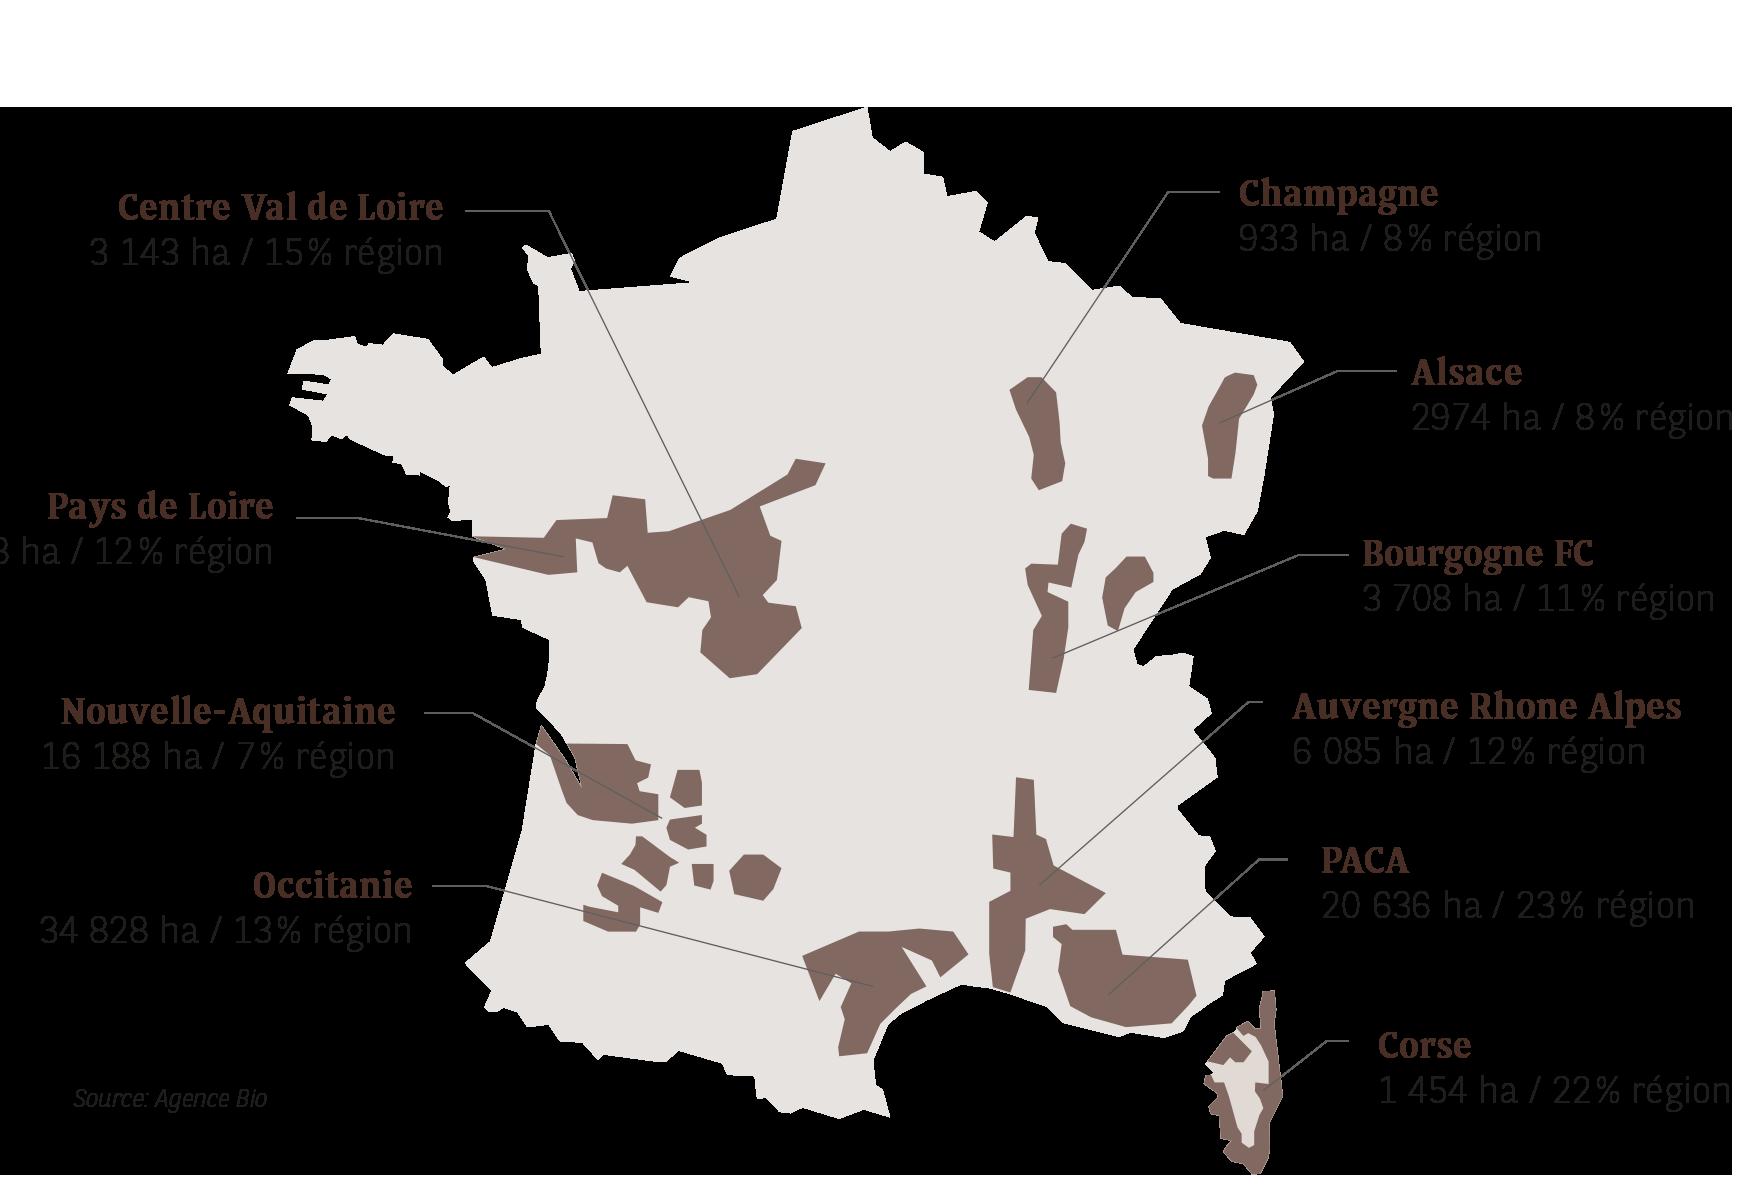 Répartition des vins bios en France - Etude Agrifrance 2020 I BNP Paribas Wealth Management